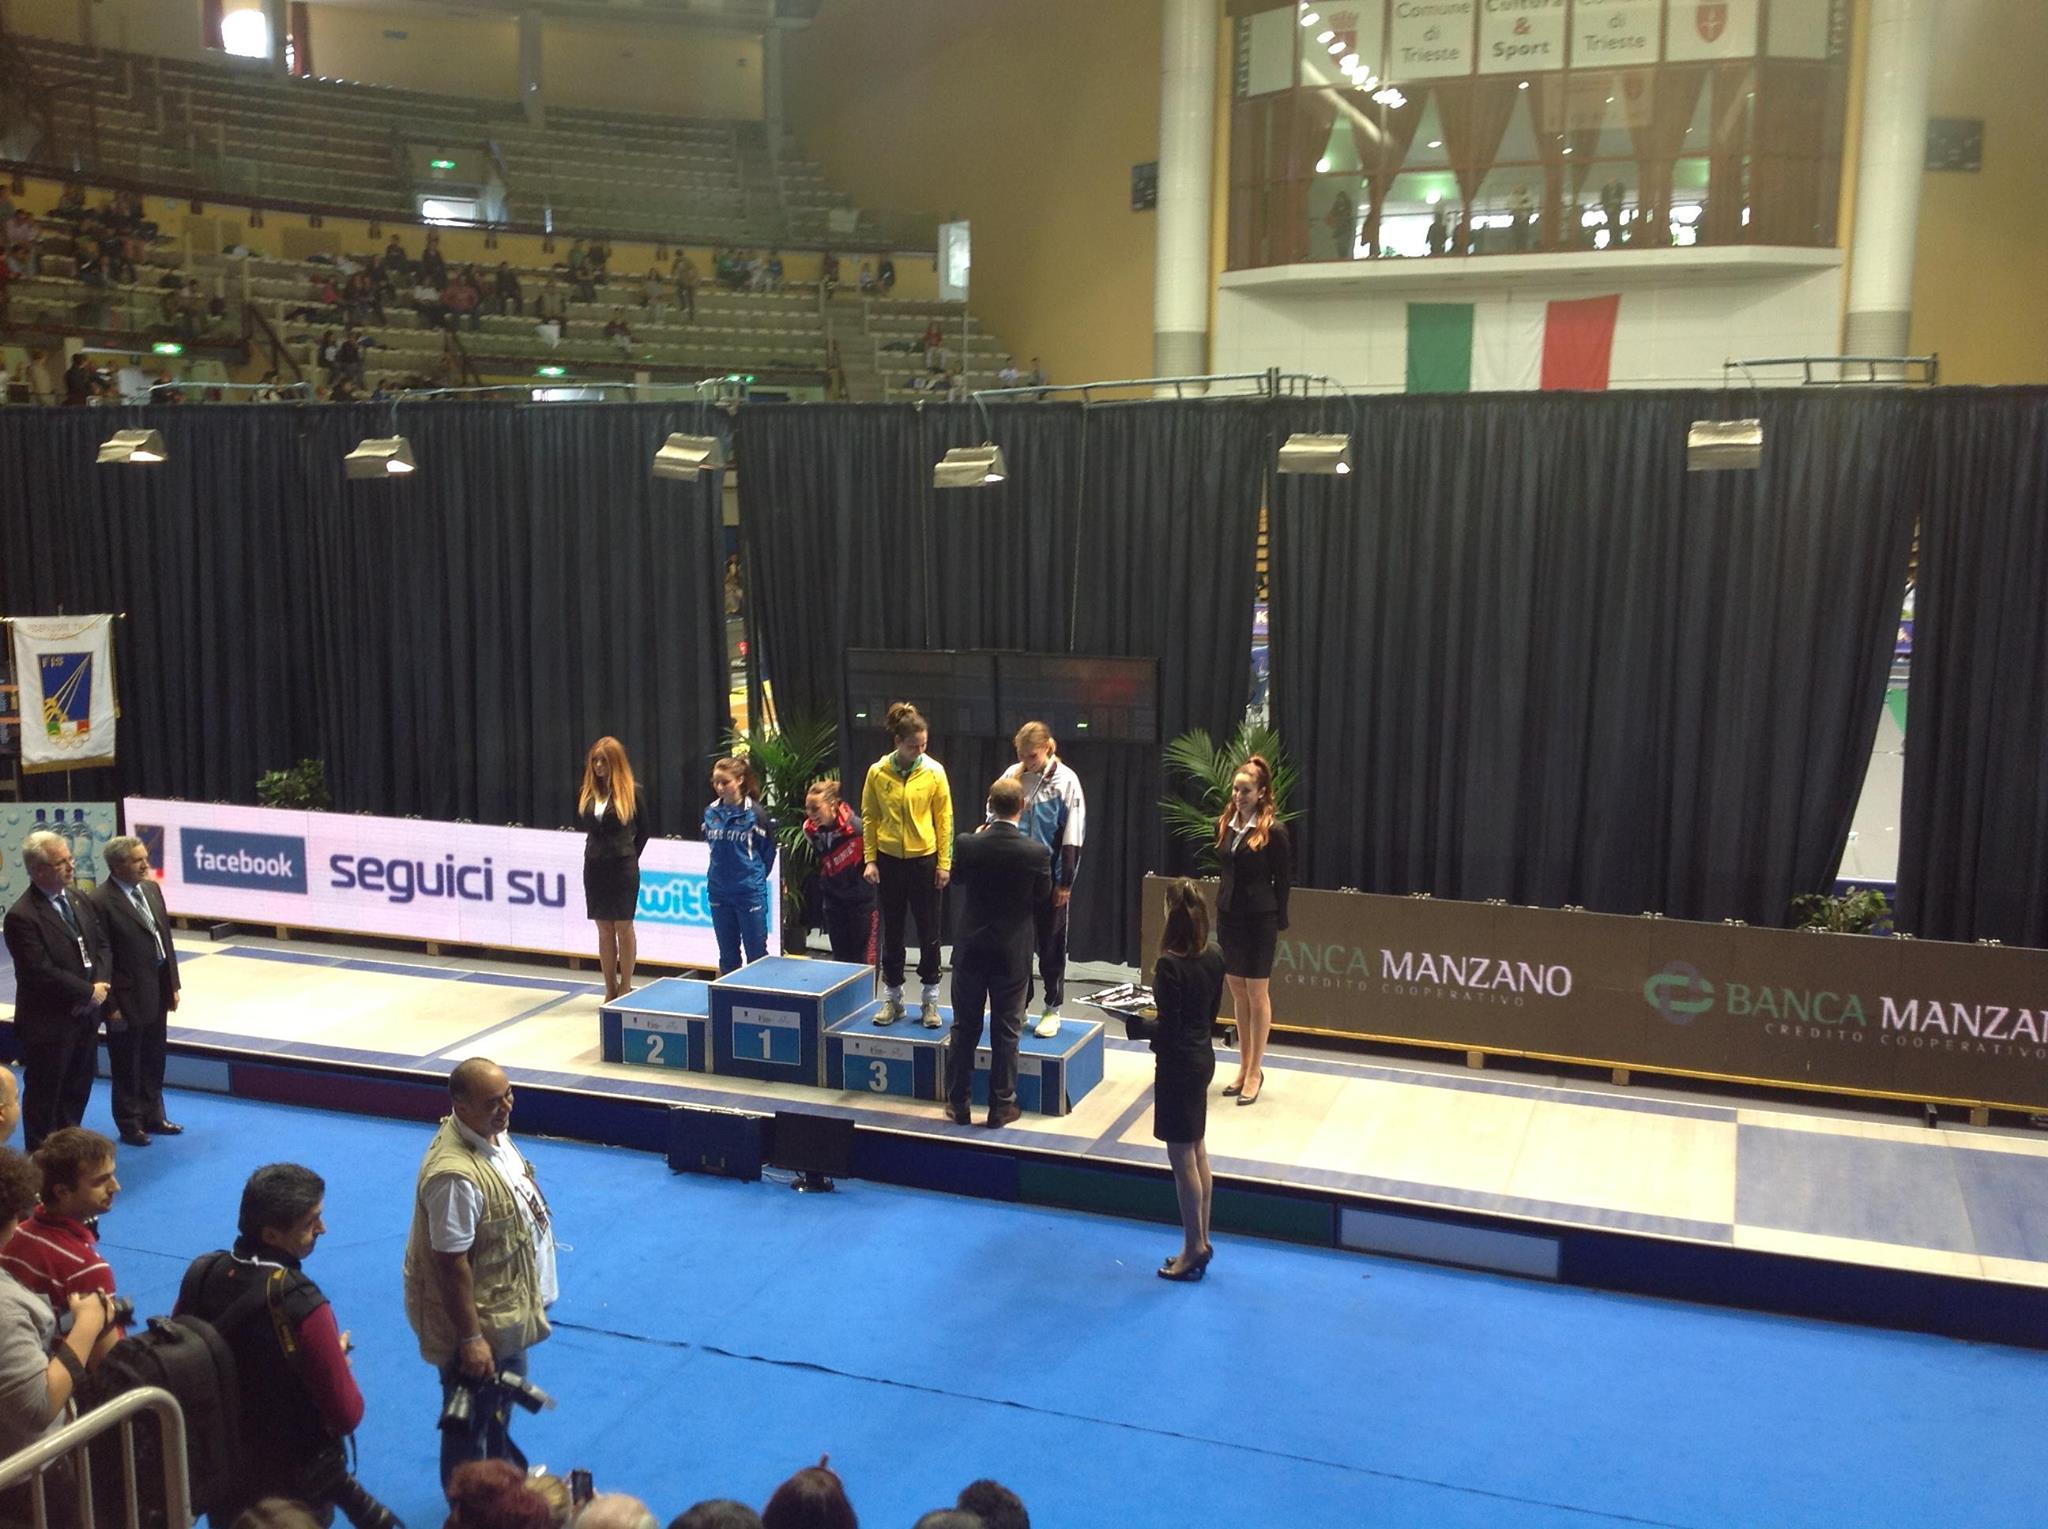 3° posto per Sofia Ciaraglia ai Campionati Italiani Assoluti di Trieste